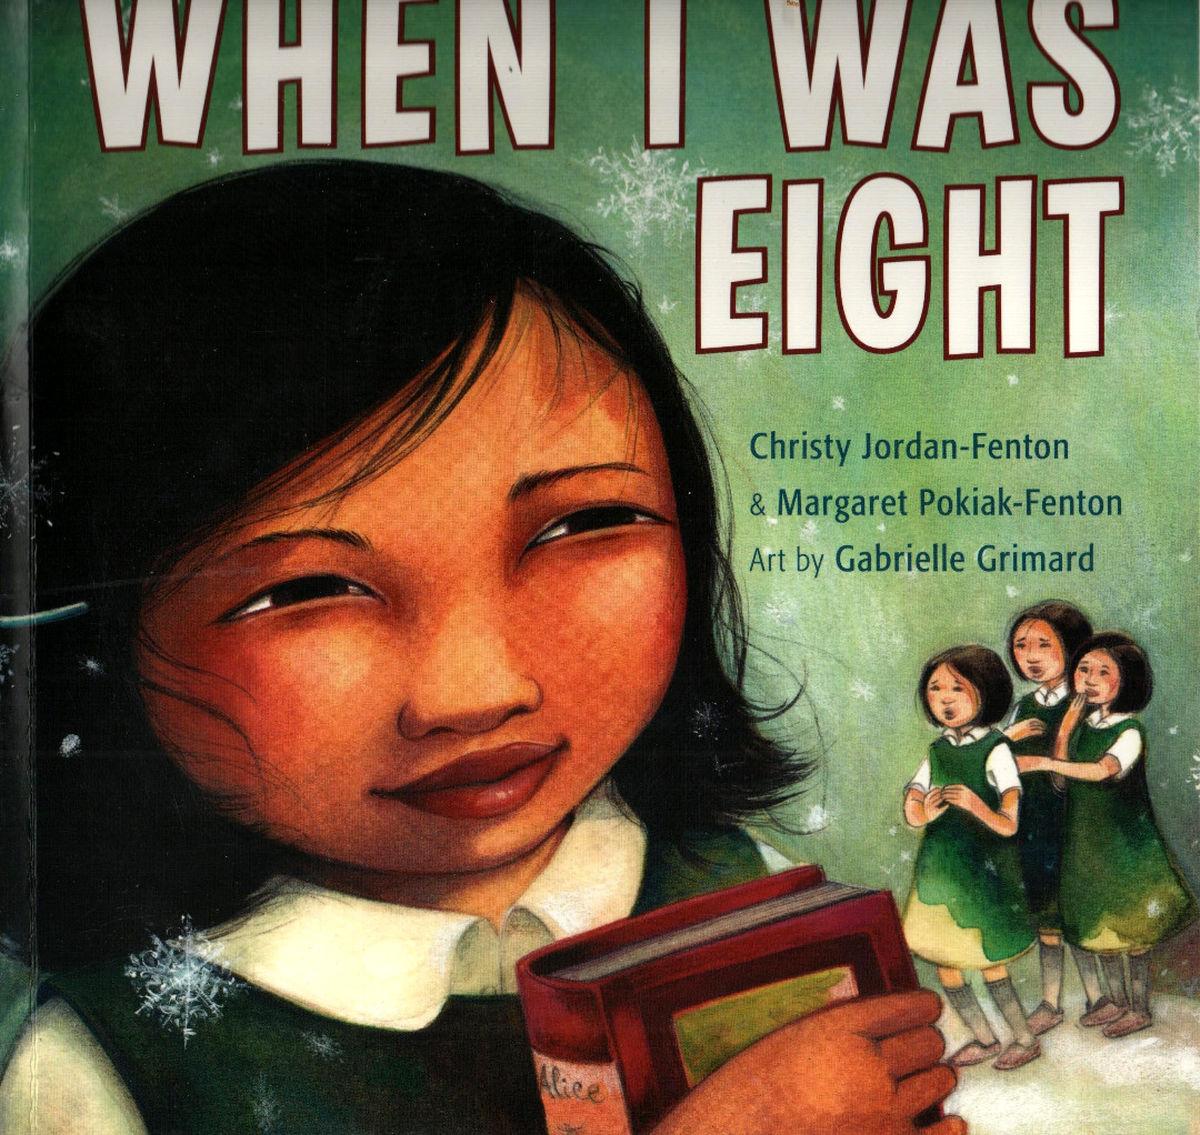 انتشار چندین کتاب پیرامون نسلکشی بومیان در کانادا